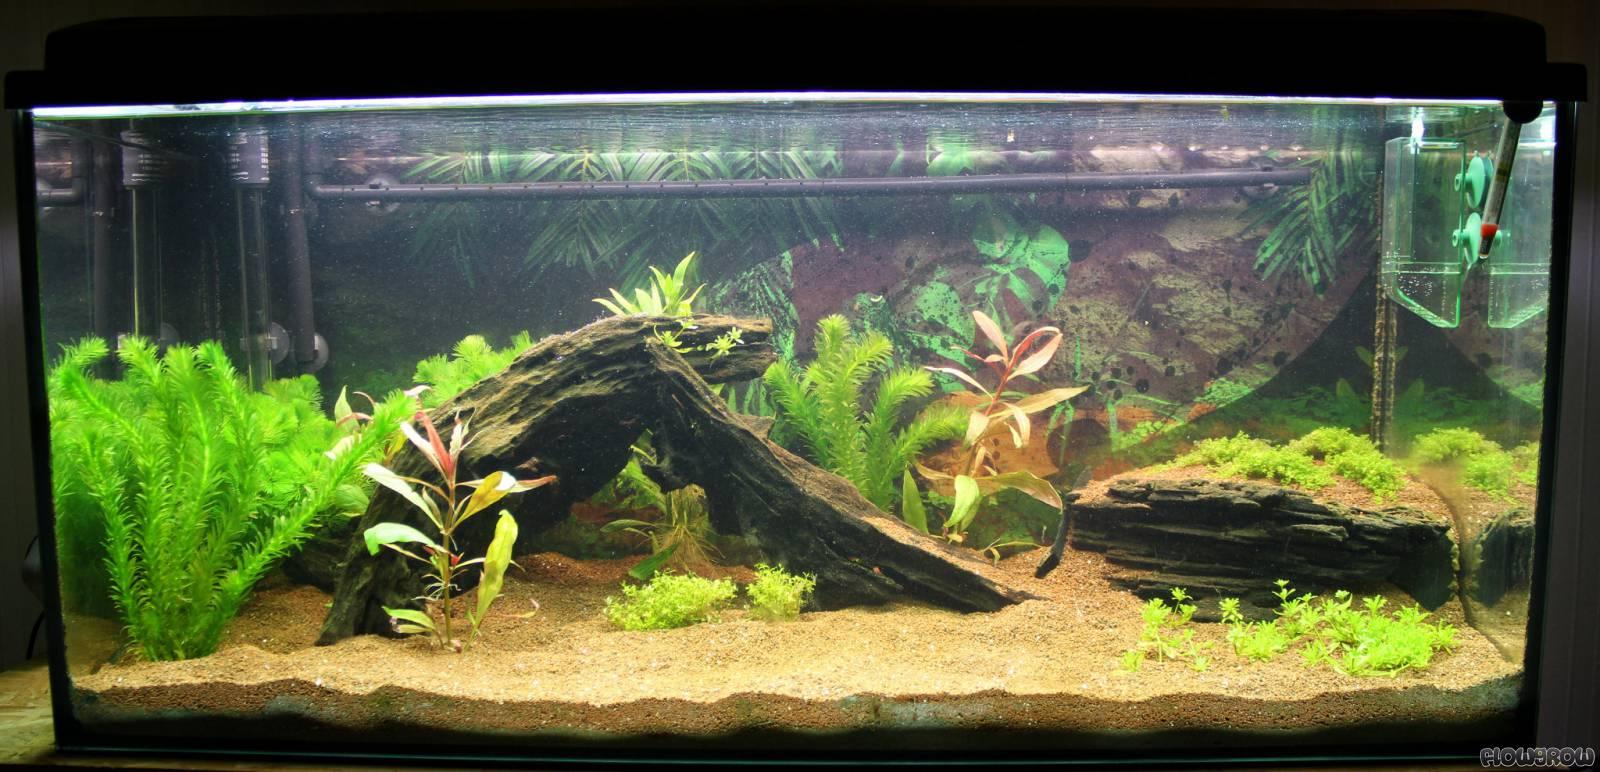 160l becken flowgrow aquascape aquarien datenbank. Black Bedroom Furniture Sets. Home Design Ideas